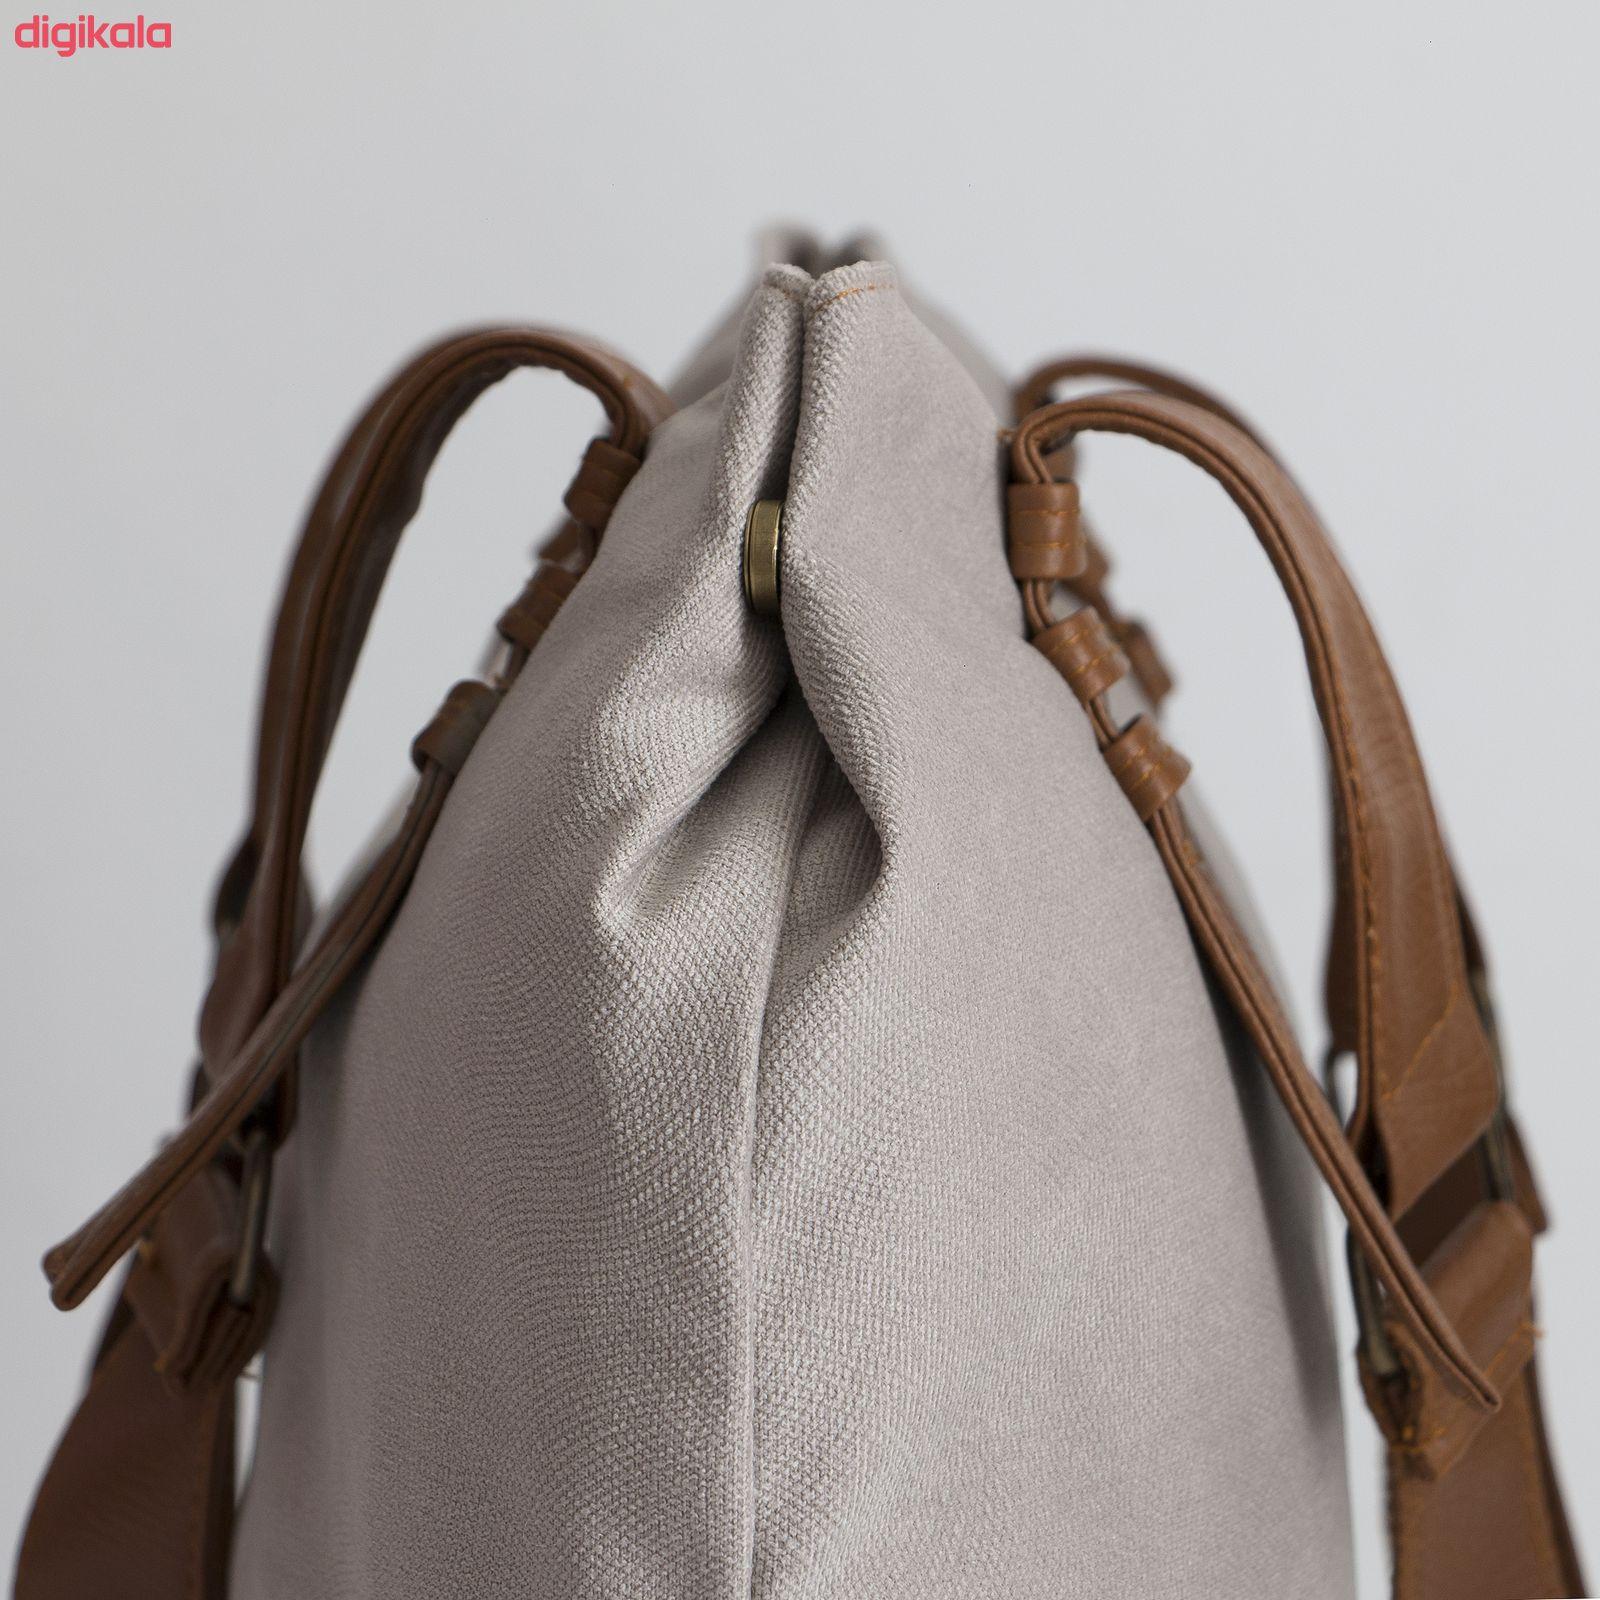 کیف دستی زنانه مدل M1 main 1 28